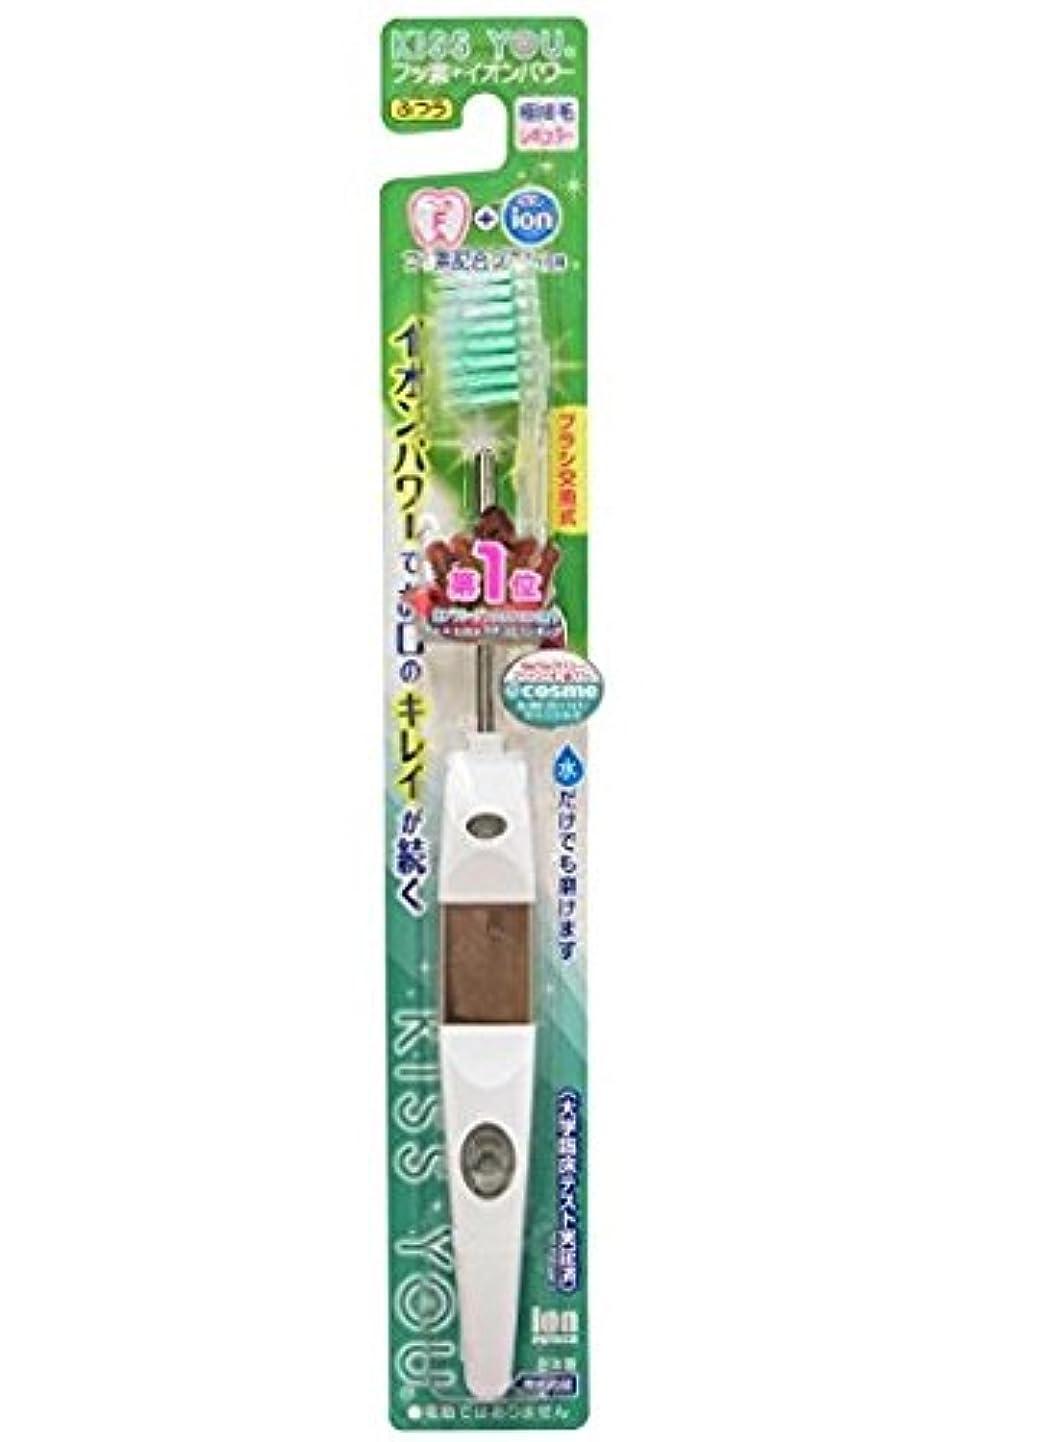 に対応努力忠誠フッ素イオン歯ブラシ極細レギュラー本体ふつう × 5個セット